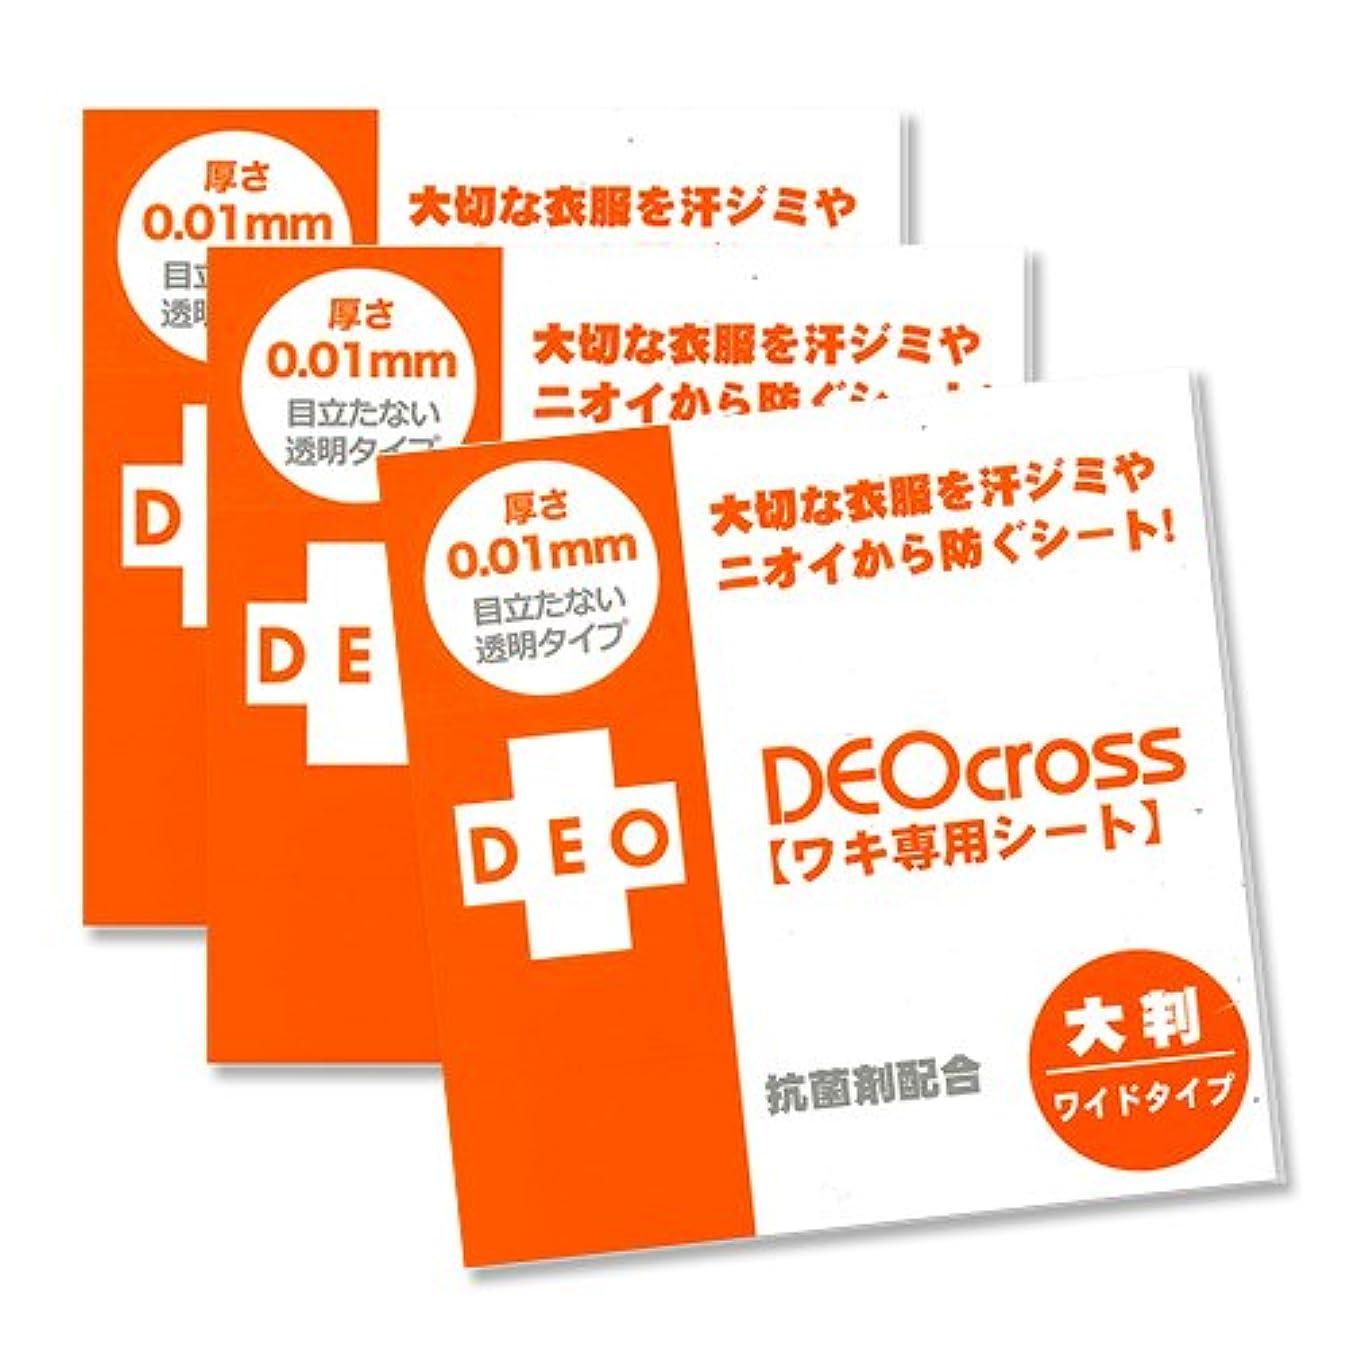 真剣に殺す主【ワキ専用シート】 デオクロス Deo Cross ワイドタイプ (50枚入りx3個セット)